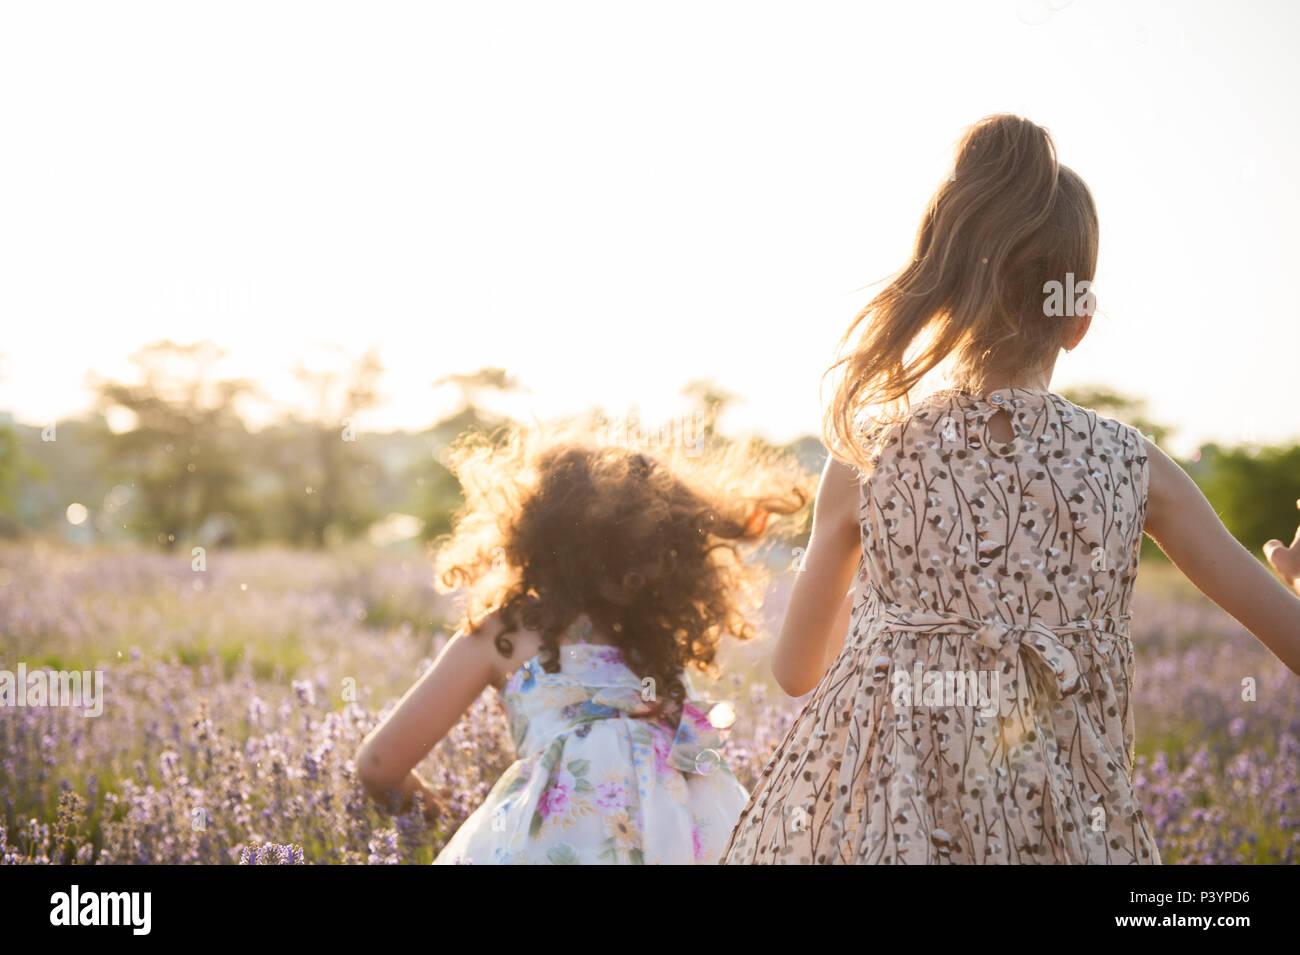 Deux petites filles en robes ludique entre champ de lavande jouer des bulles de savon Photo Stock